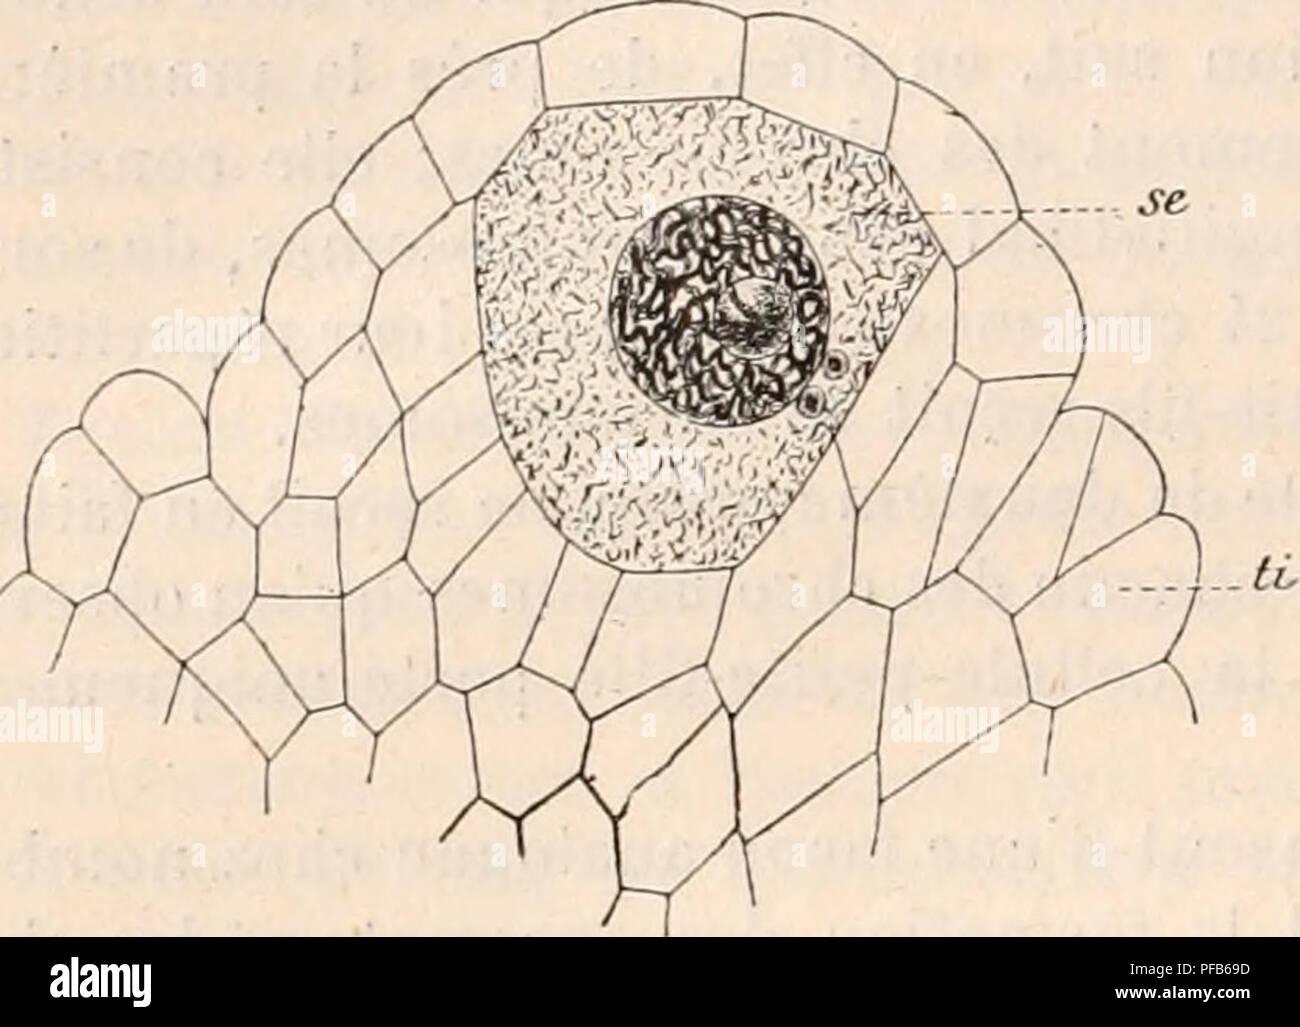 . Dictionnaire de physiologie. Physiology. >so FECONDATION. distal prend la forme d'un anneau. Les enveloppes protoplasmiques paraissent pro- venir du corps cellulaire, qui semble couler, pour ainsi dire, le long du filament axial (fig. 42 et 43). En résumé, de par son origine, et malgré sa structure compliquée et la quasi spontanéité de ses mouvements, le spermatozoïde 7i'est qu'une cellule dont le notjau possède une fraction de chromatine en comparaiiion du noyau d'une cellule somatique. IV. Valeur cellulaire de l'ovule. â A. Oosphère ou ovule des végétaux supérieurs (Angiospe - Stock Image